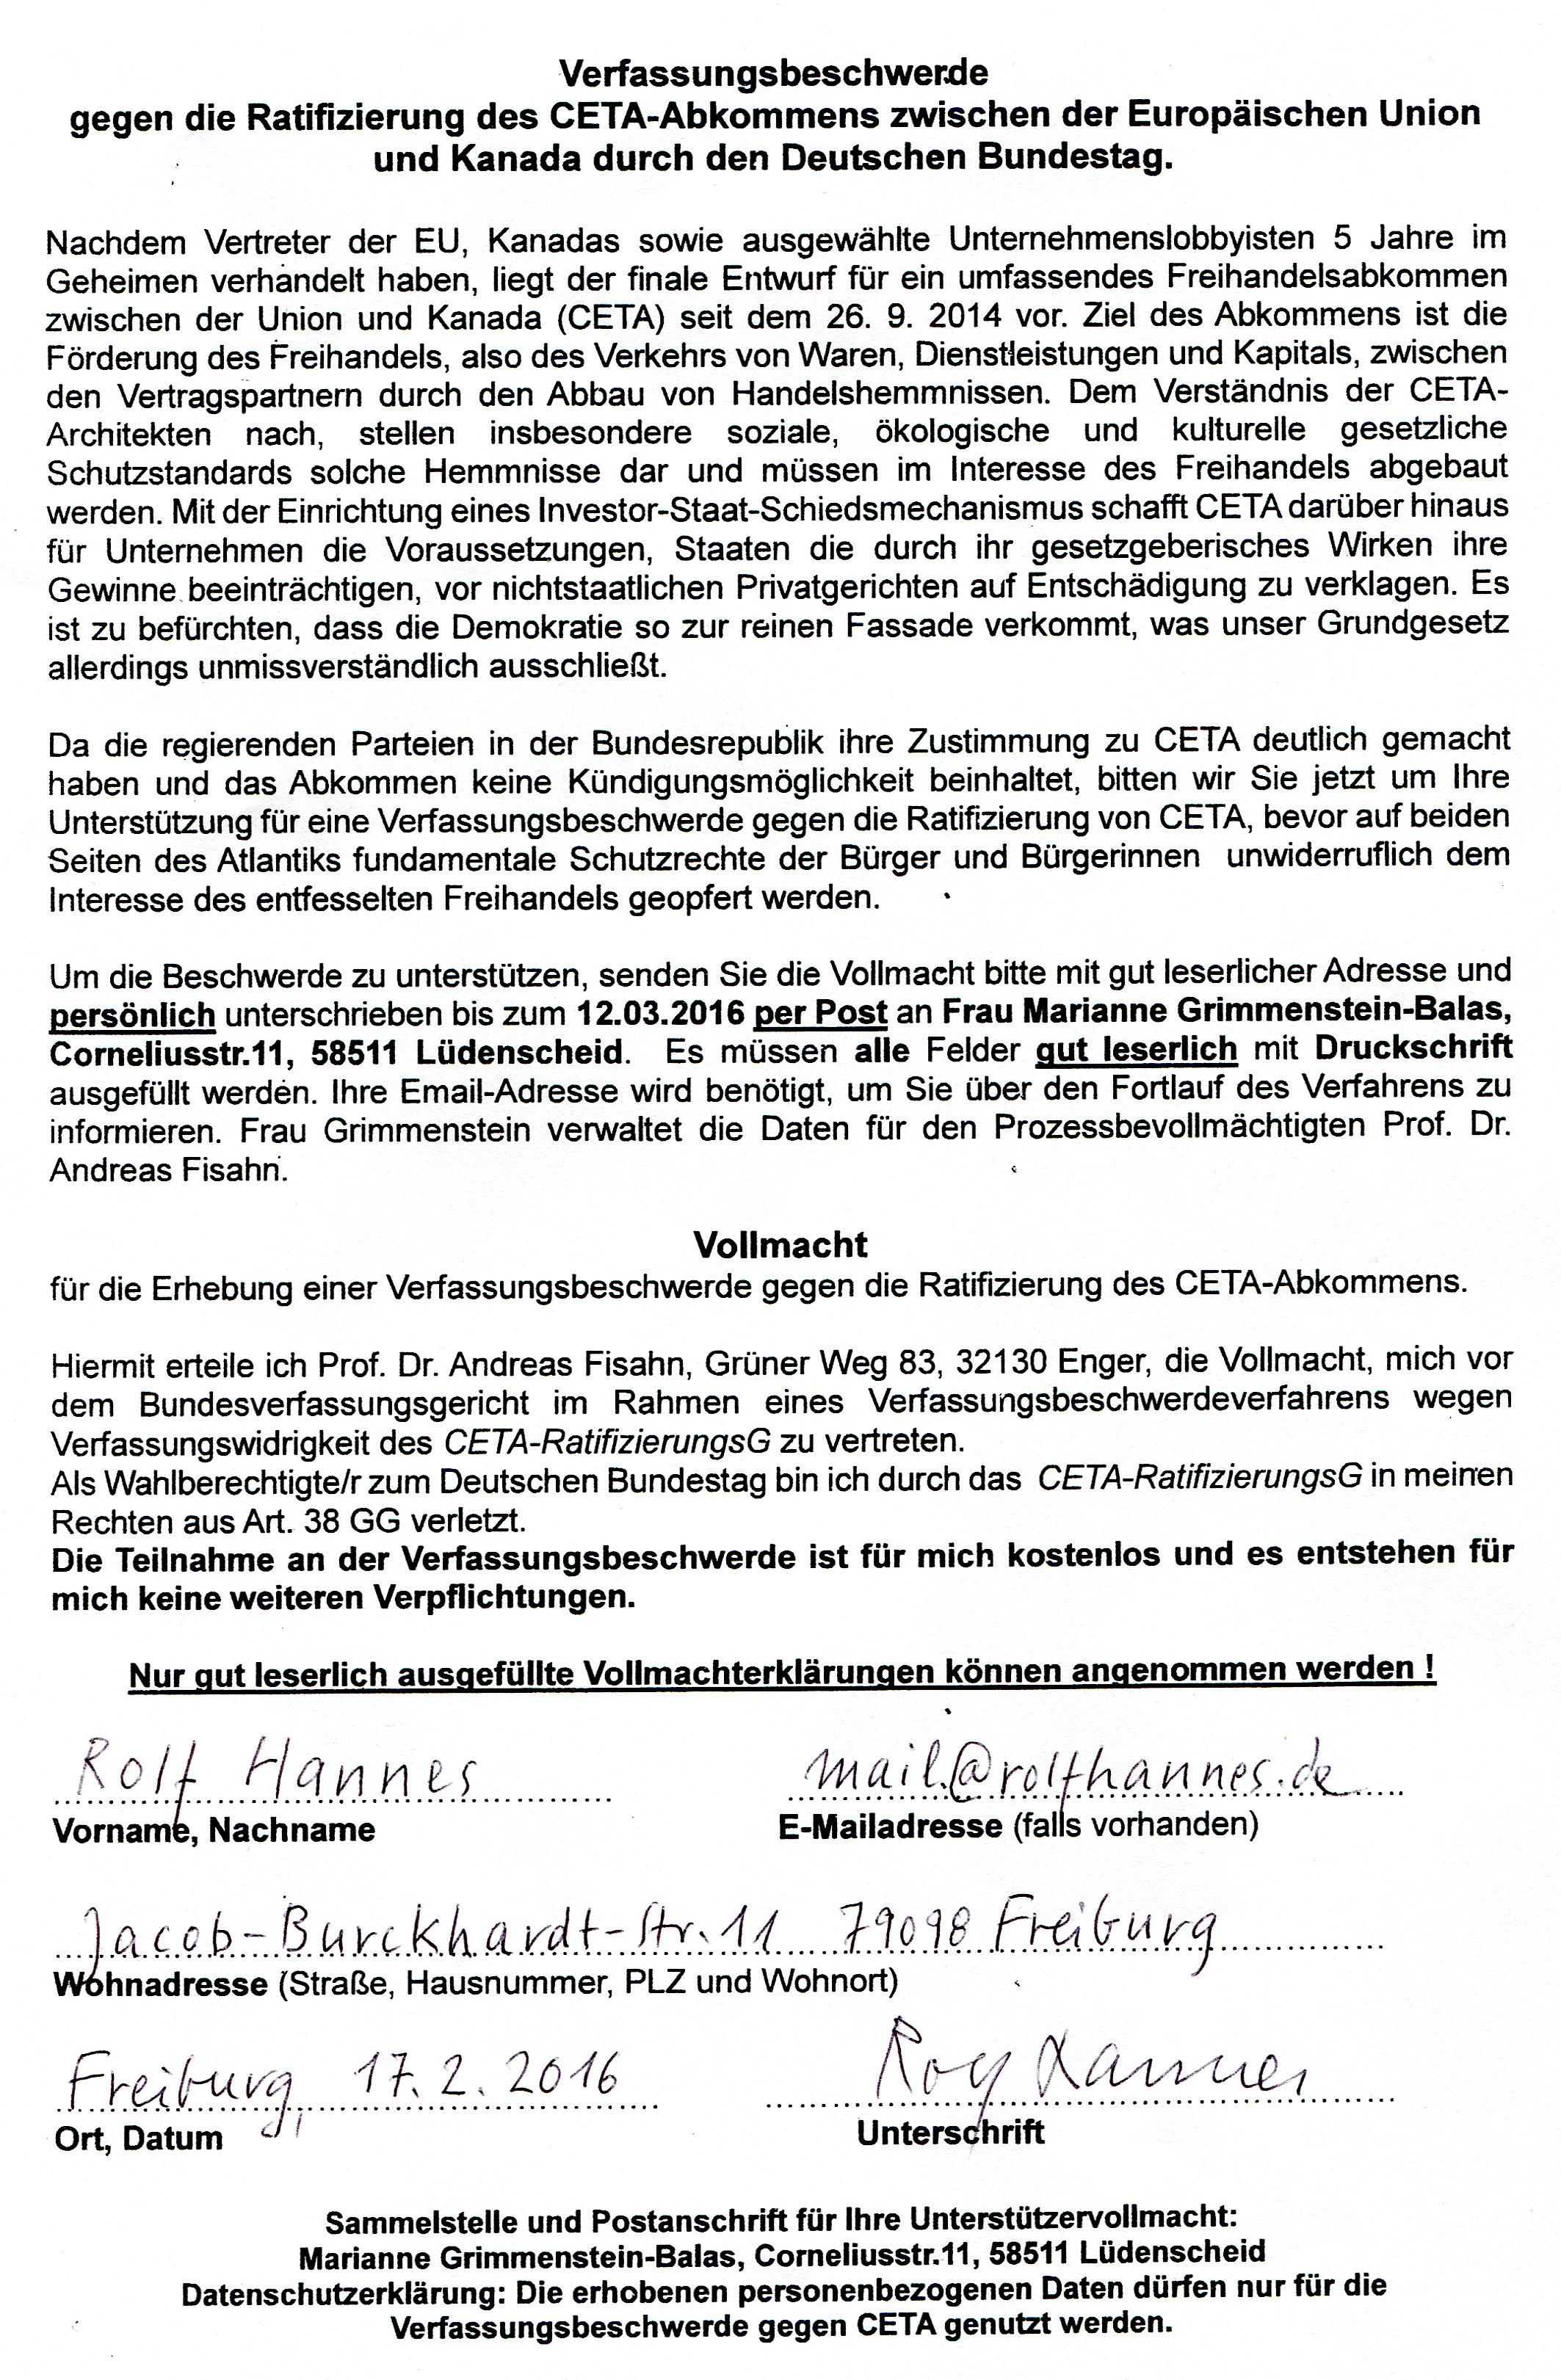 CETA Verfassungsbeschw